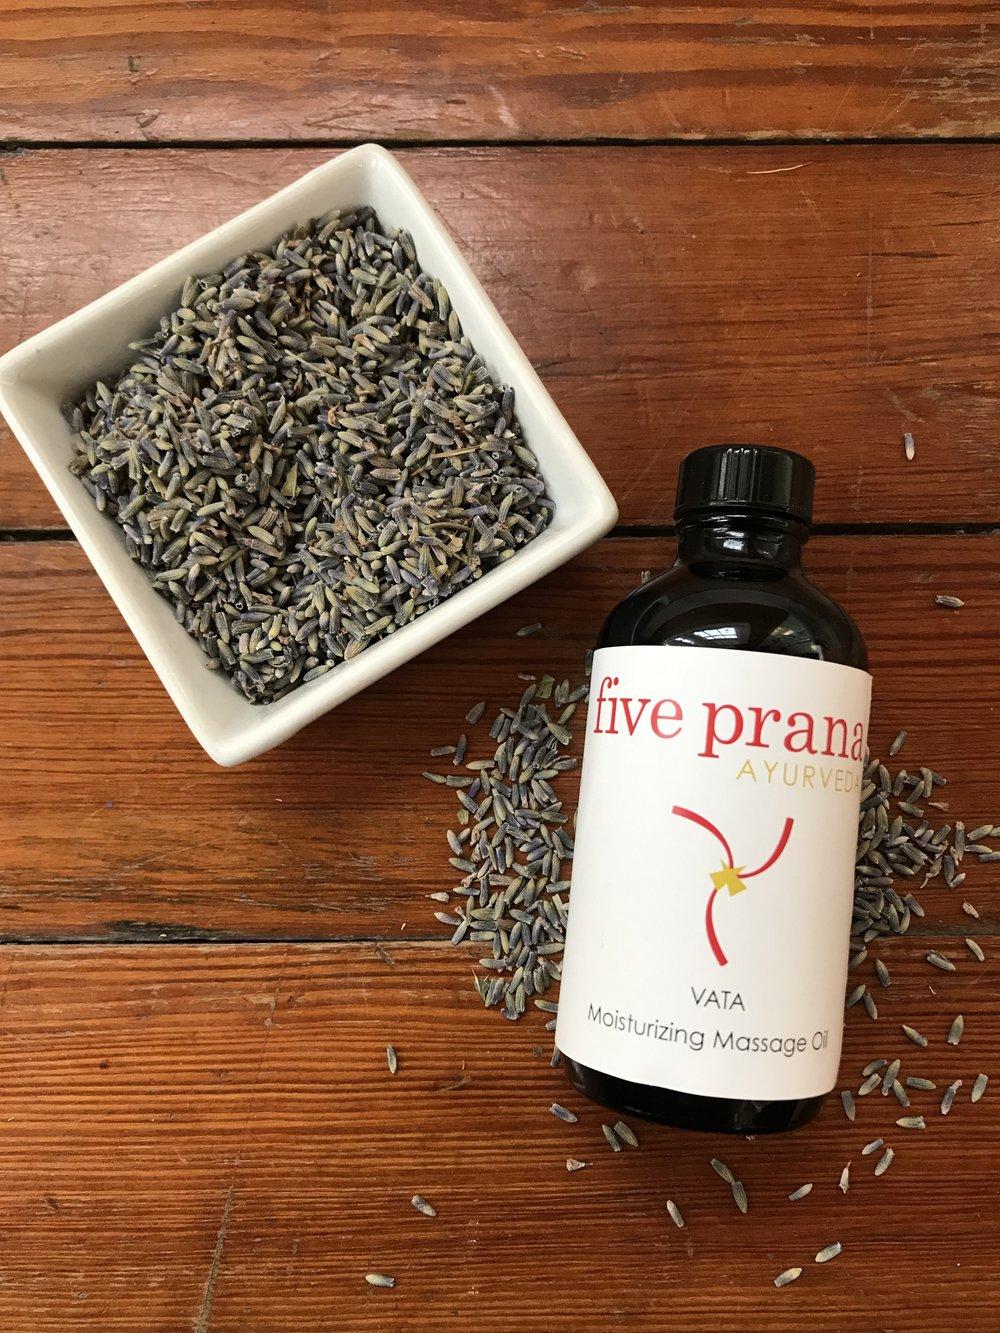 Five-Prana-Ayurvedic-Skin-Care-Product_Vata-Body-Oil-1.JPG